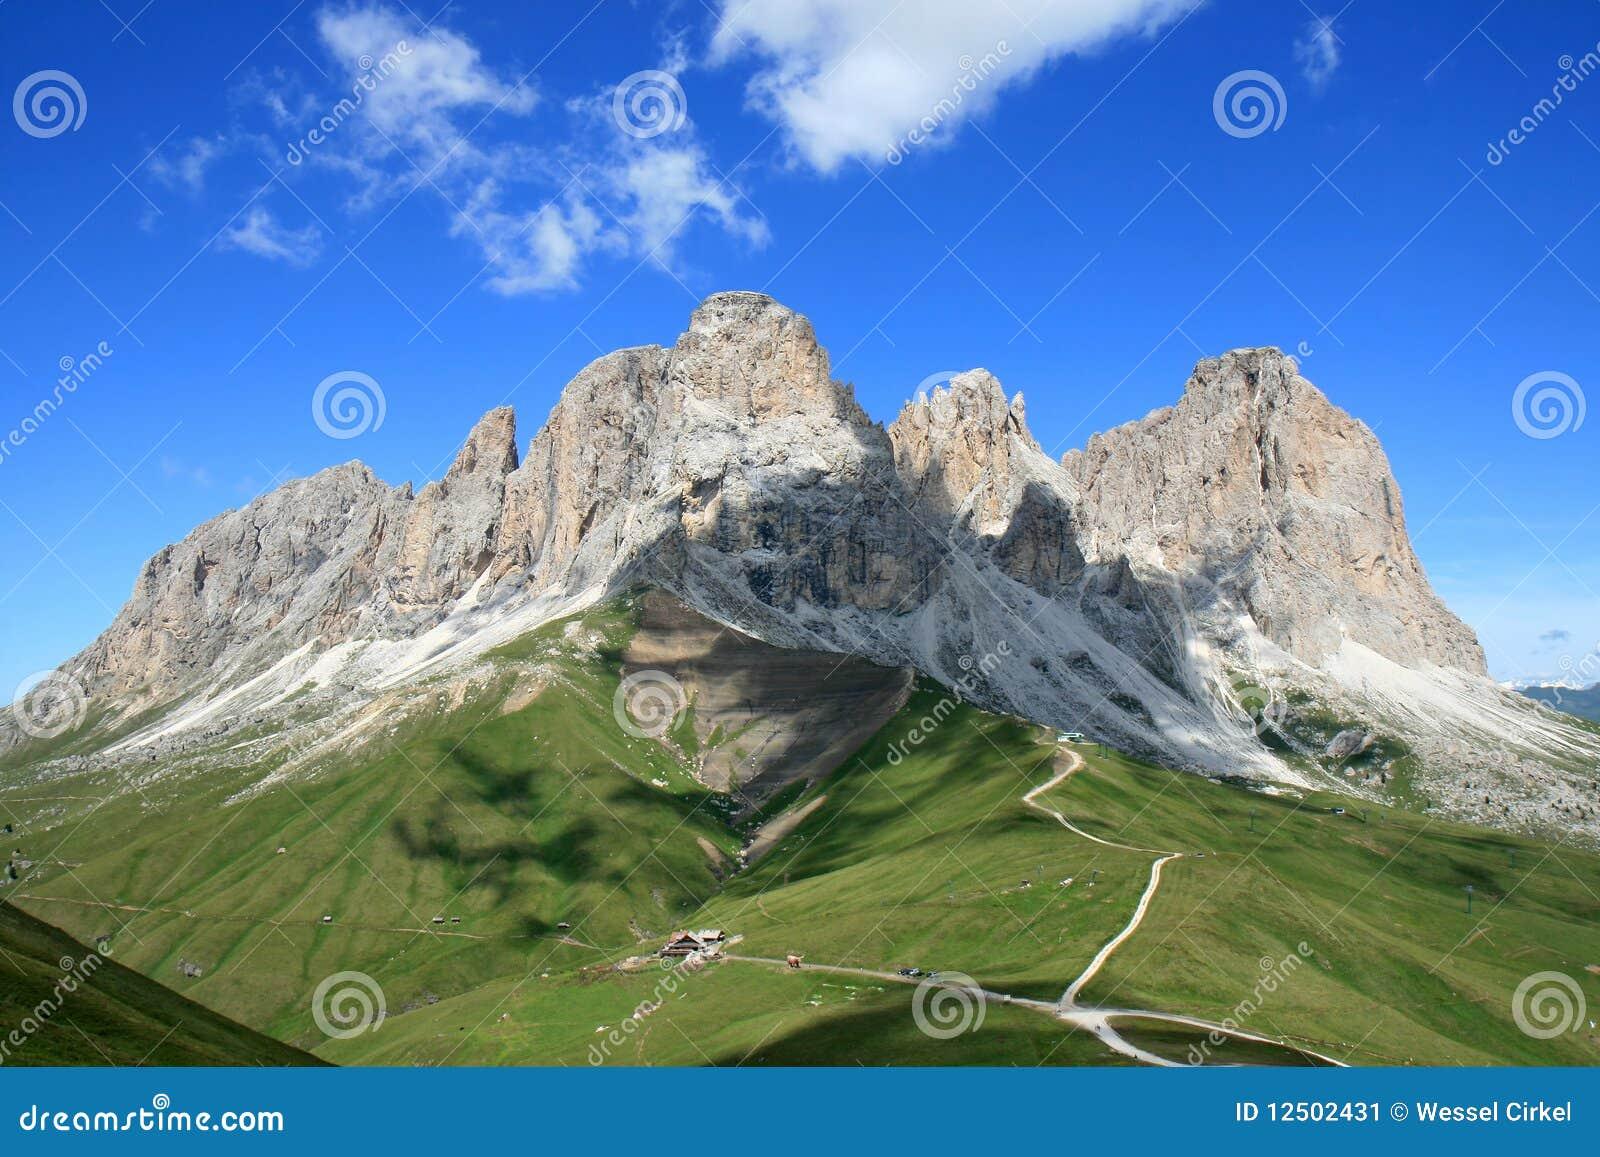 ιταλική όψη sassolungo ορεινών όγκων